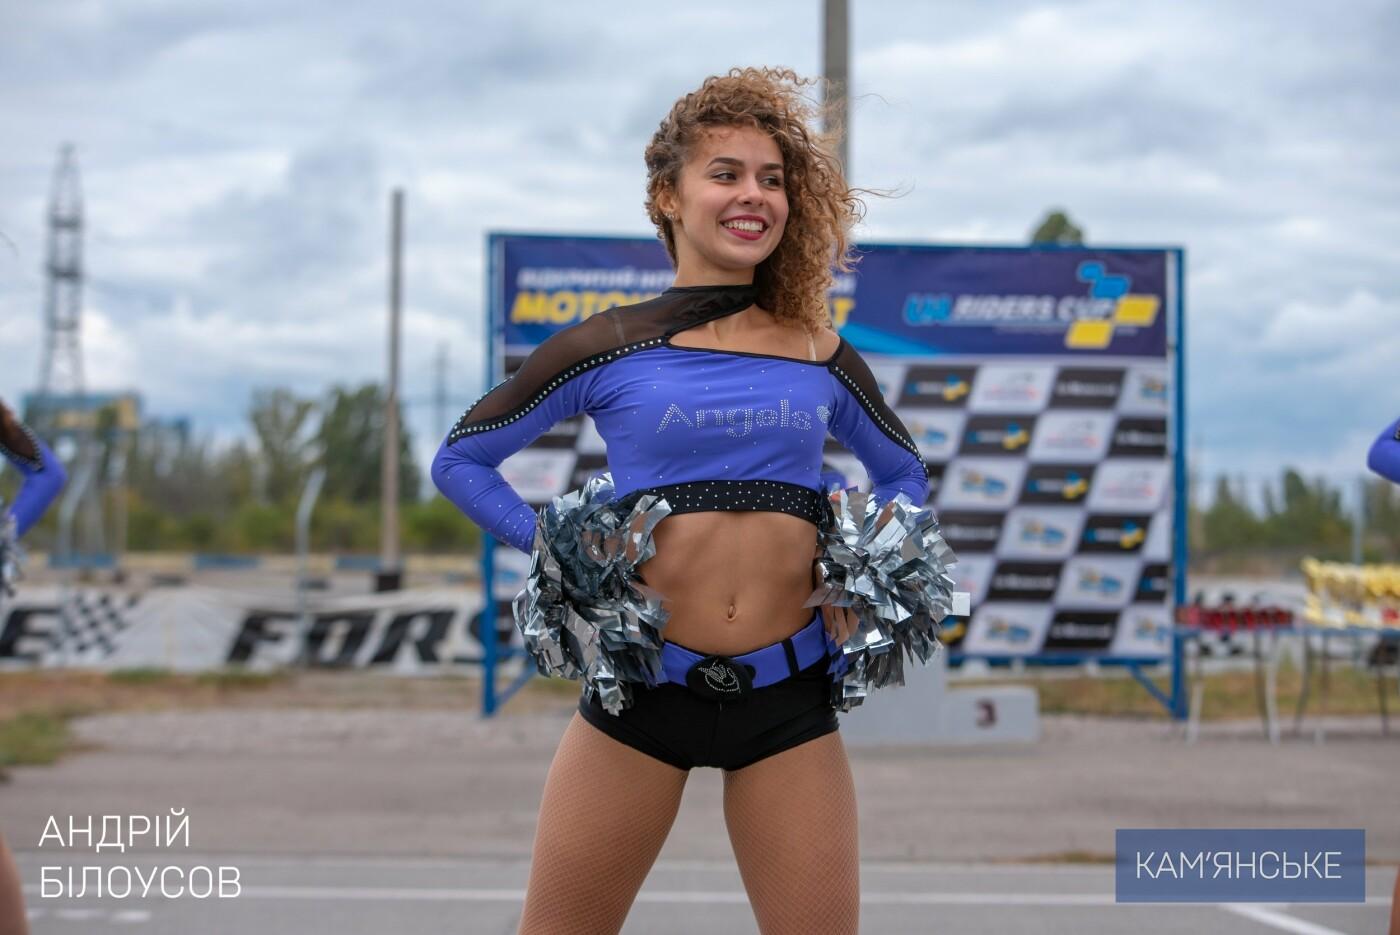 В Каменском прошел финал чемпионата по шоссейно-кольцевым гонкам - UA Riders CUP, фото-1